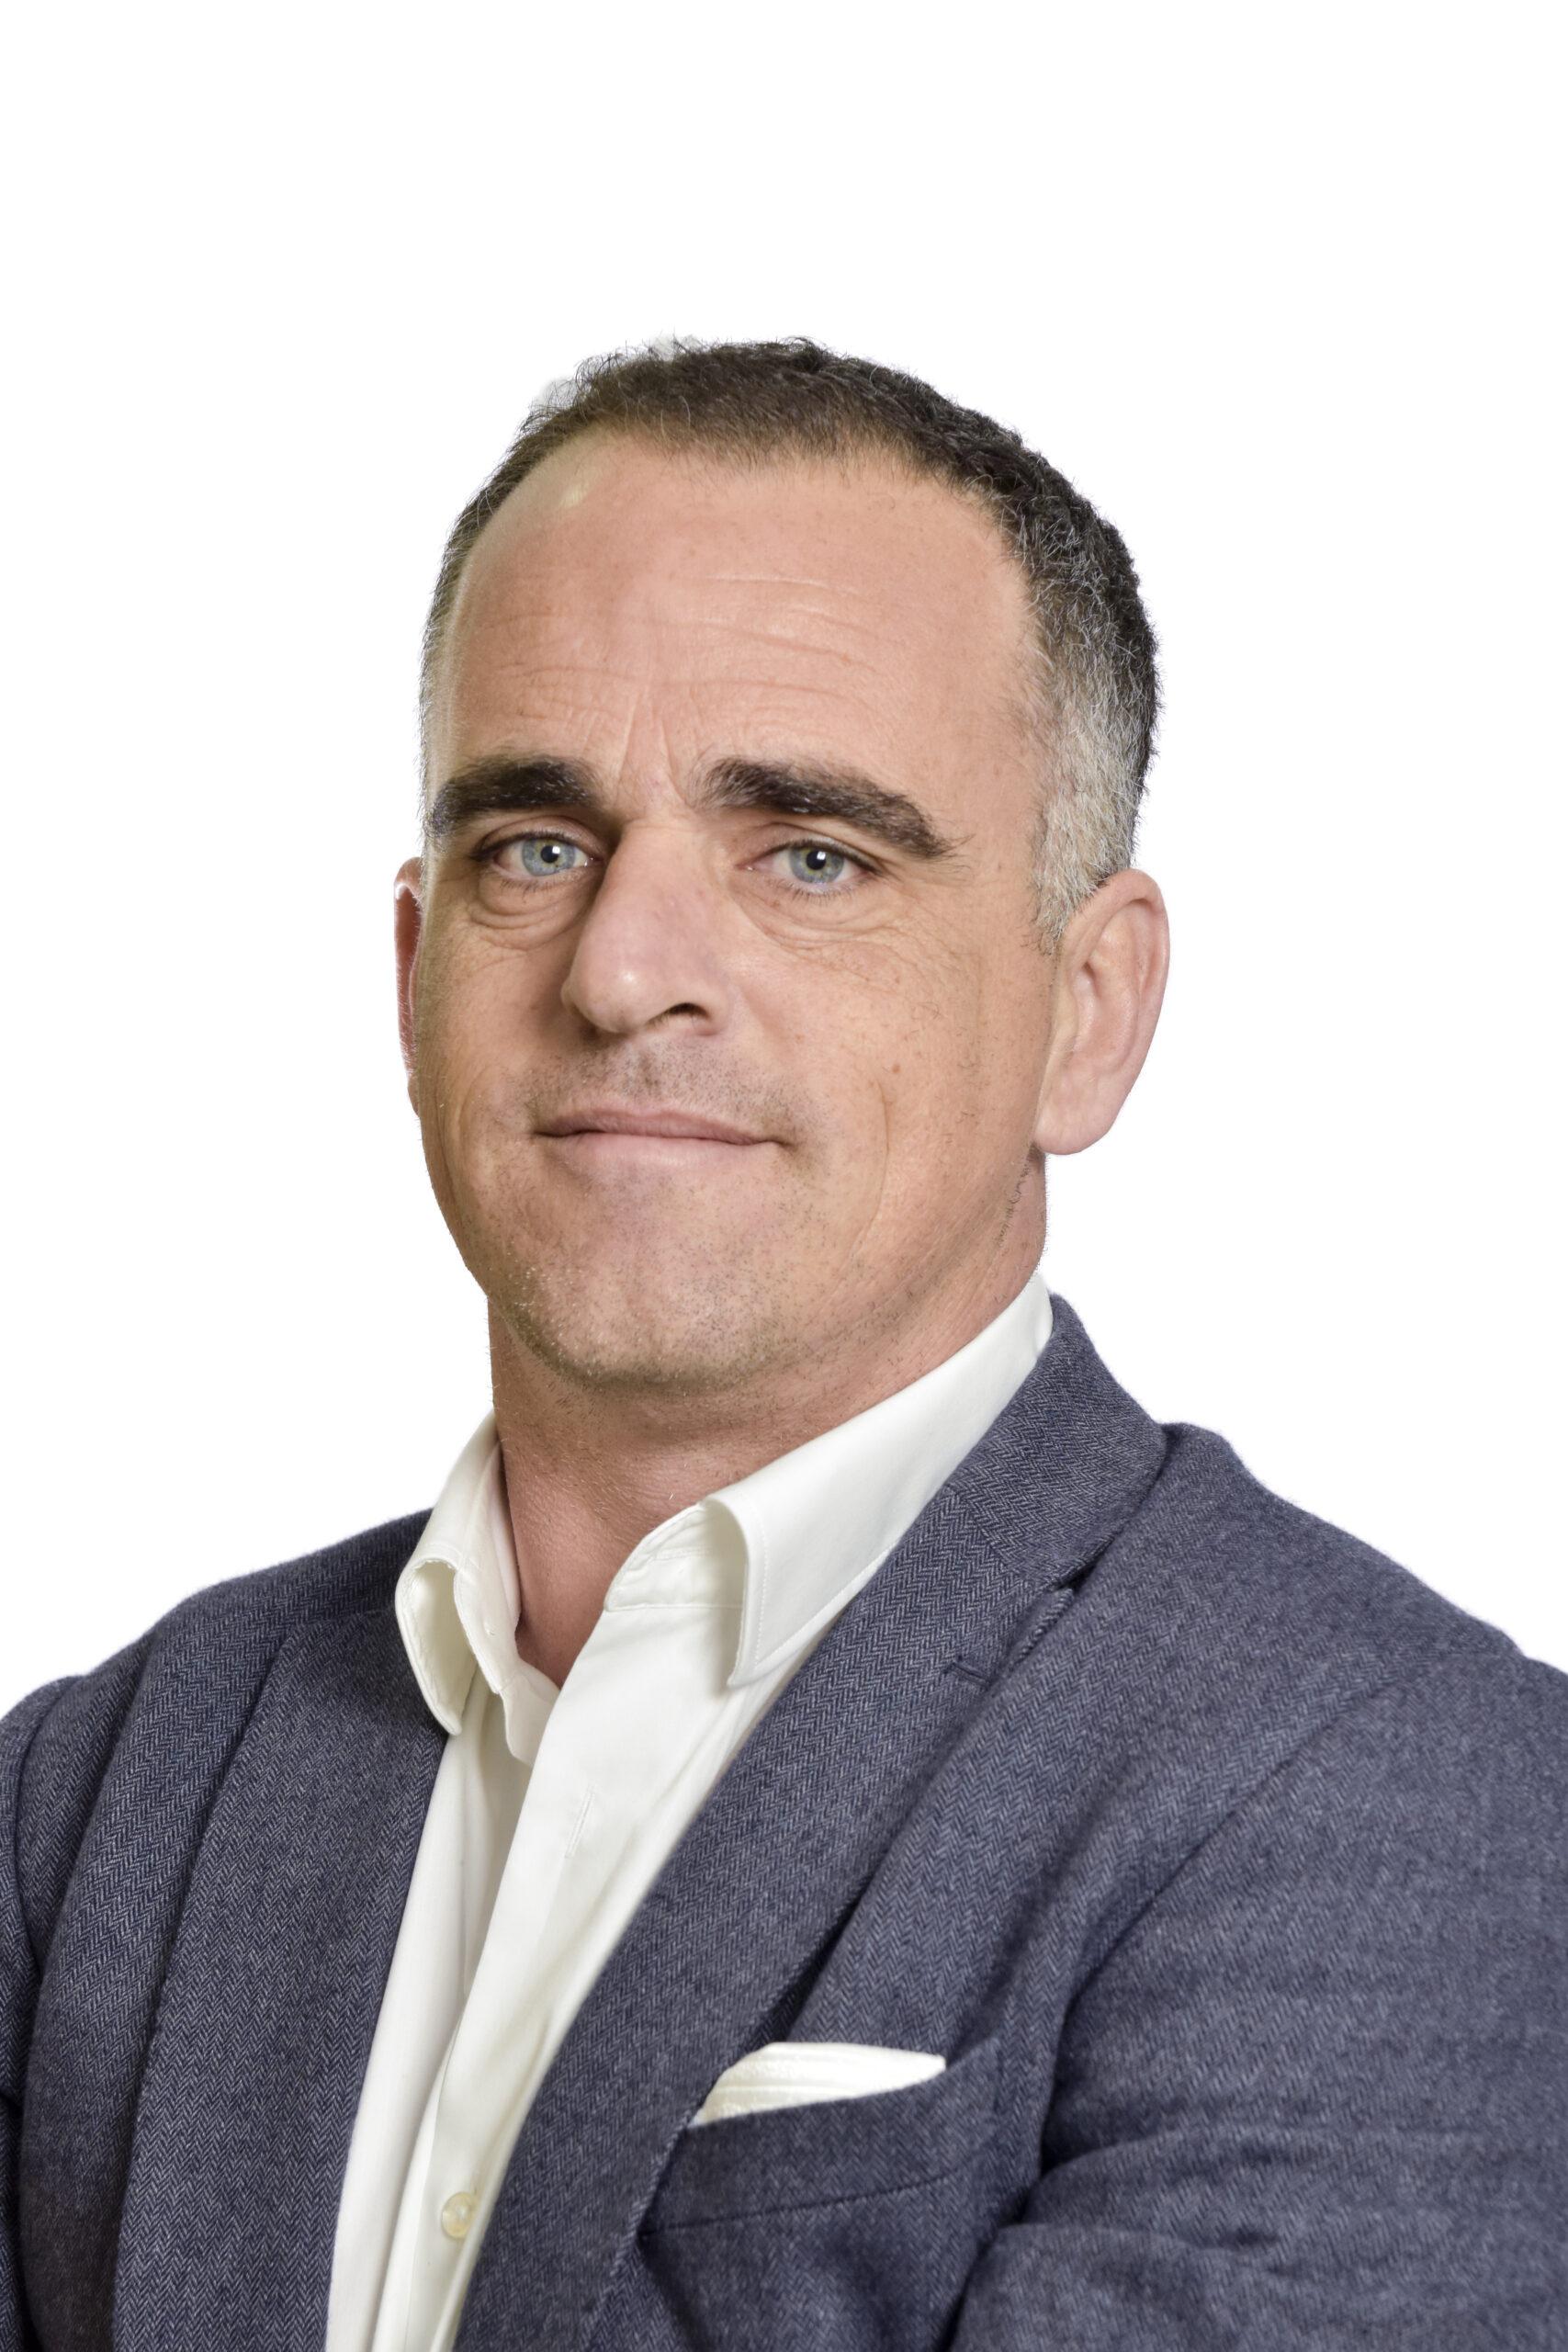 Karl Schranz